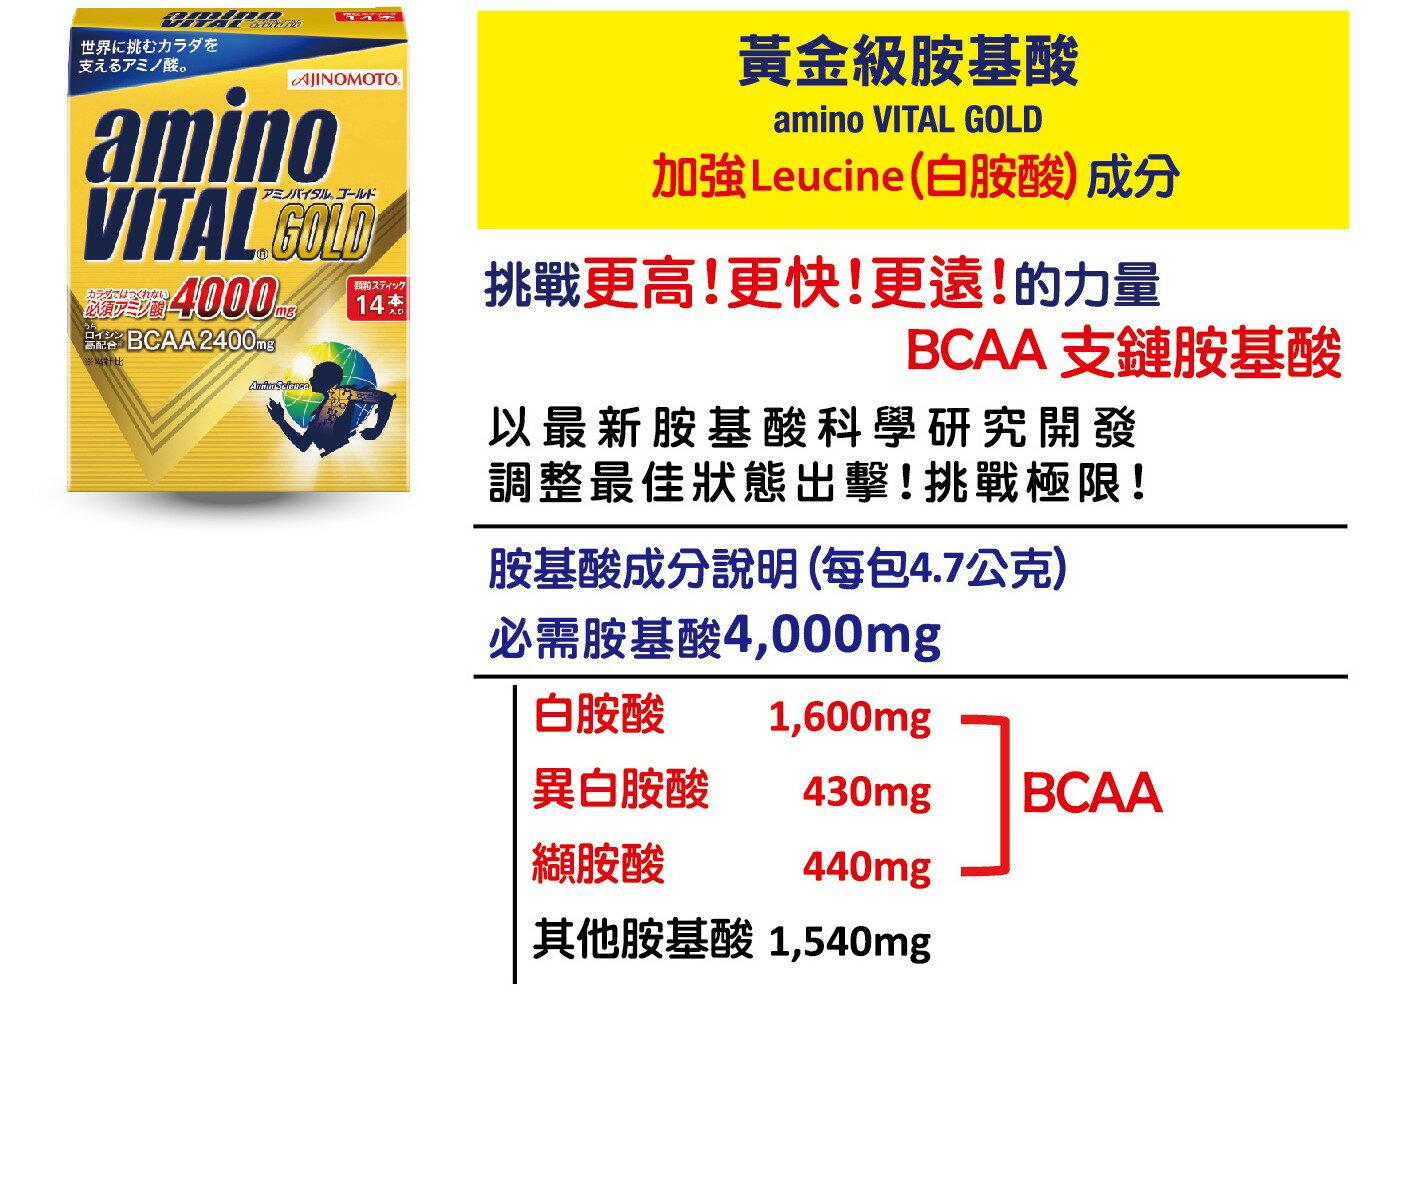 【橘町五丁目】[公司貨]限量促銷! BCAA 日本大廠AJINOMOTO生產  ajinomoto amino VITAL GOLD黃金級4000mg 胺基酸粉末 (4.7g*14包)-免運! 保存期限到 2019.01.11 3